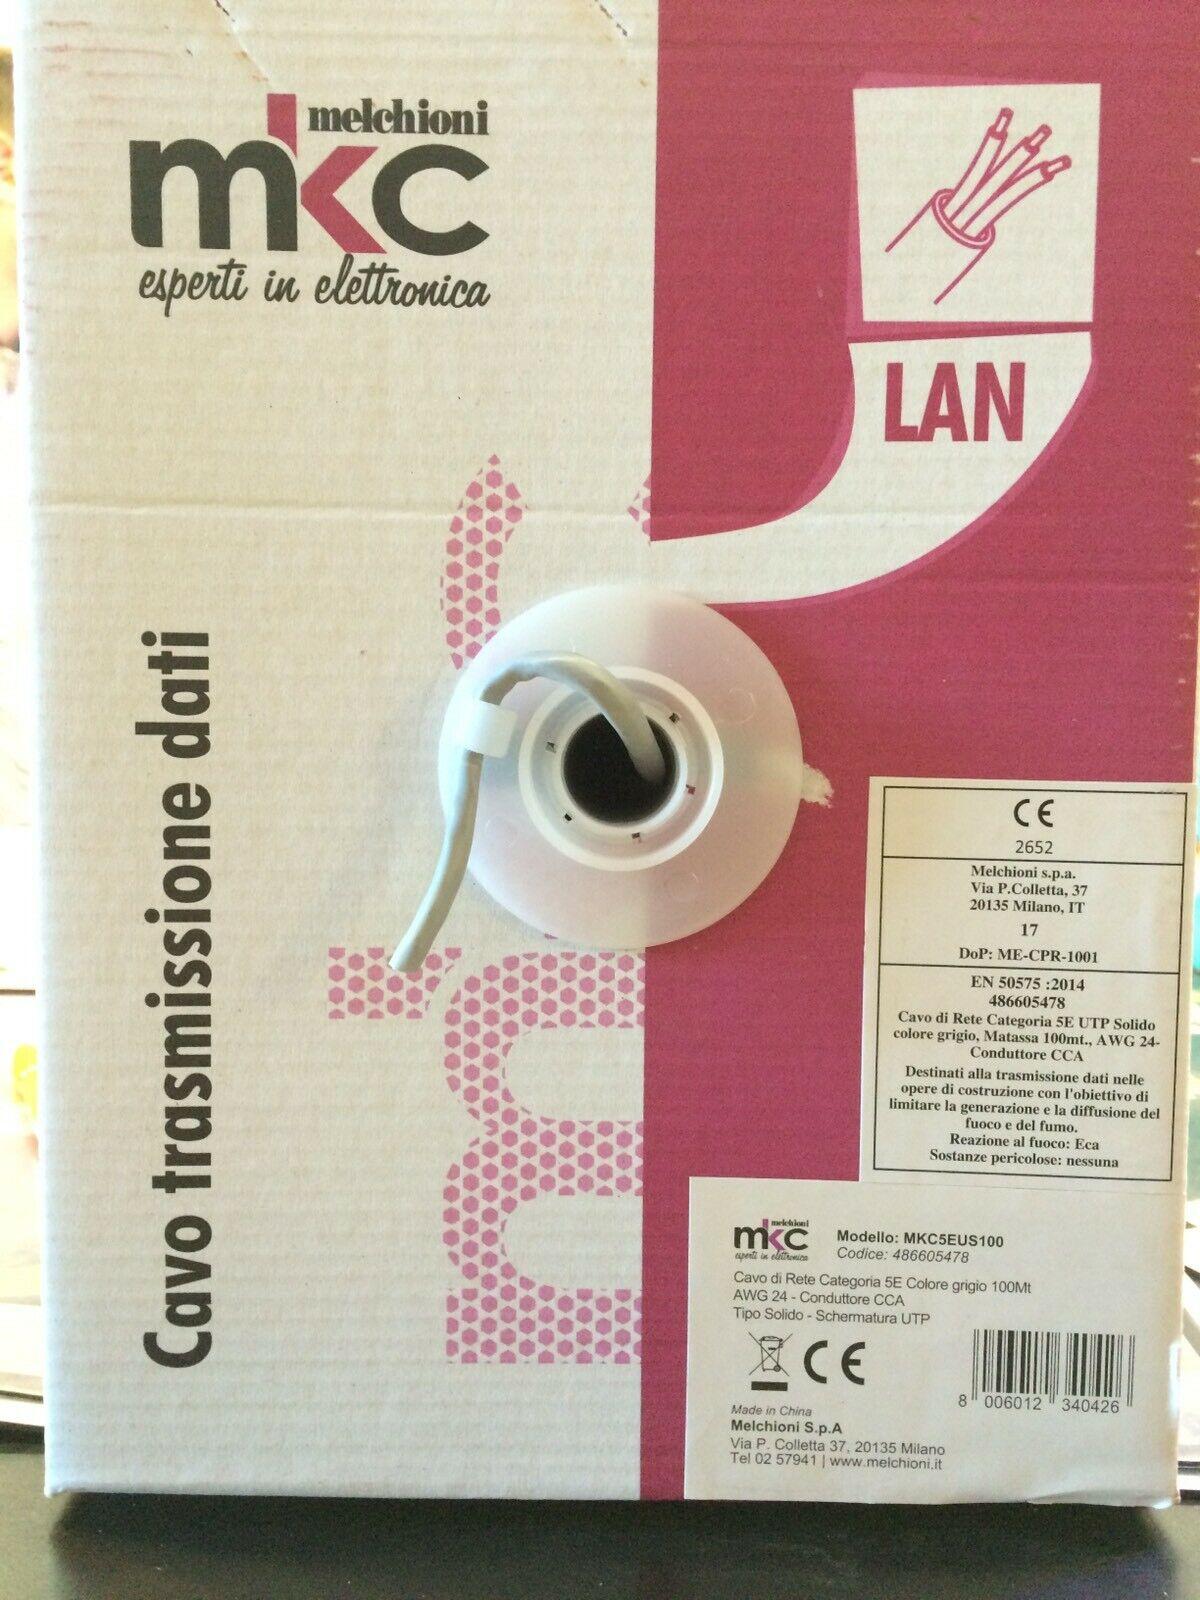 Cavo-lan-mkc5euscu-100-METRI-categoria-5e-utp-con-conduttori-in-alluminiorame-153431531359